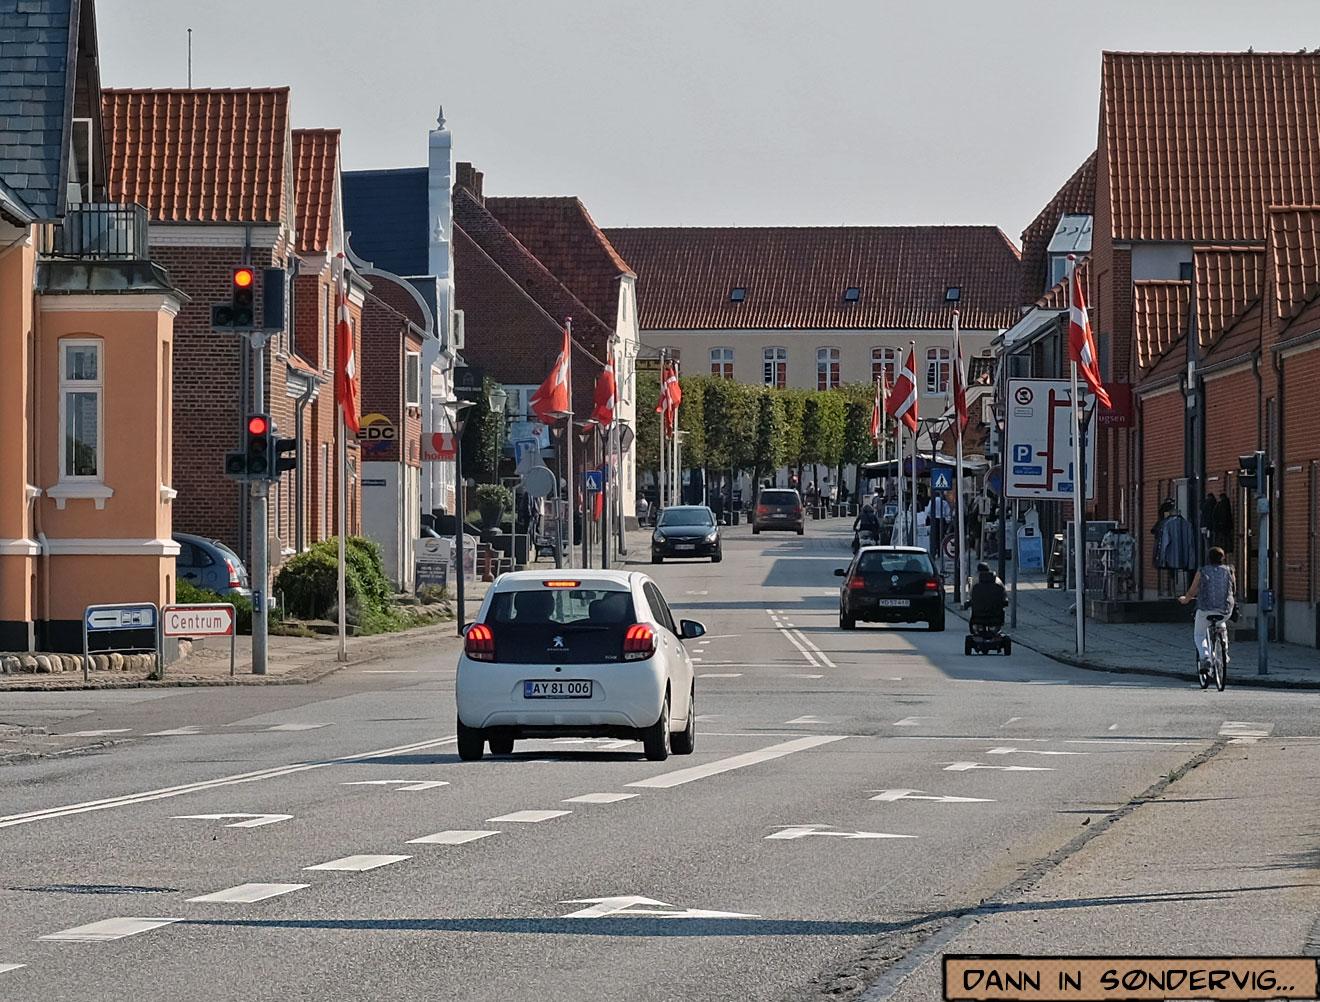 Søndervig, DK